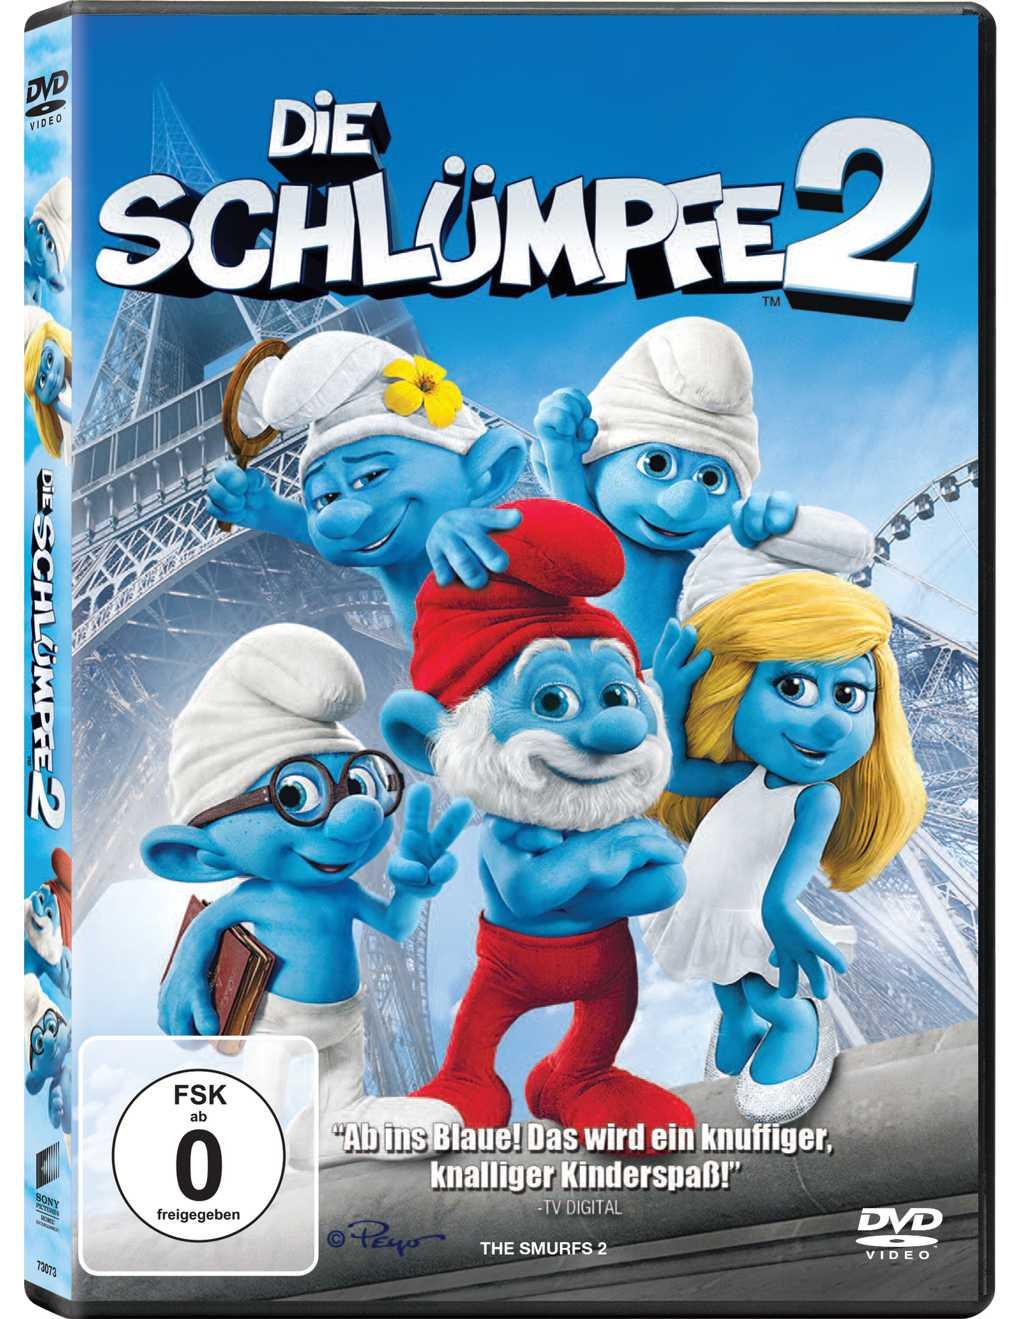 DVD «Die Schlümpfe 2» inkl. Wettbewerb